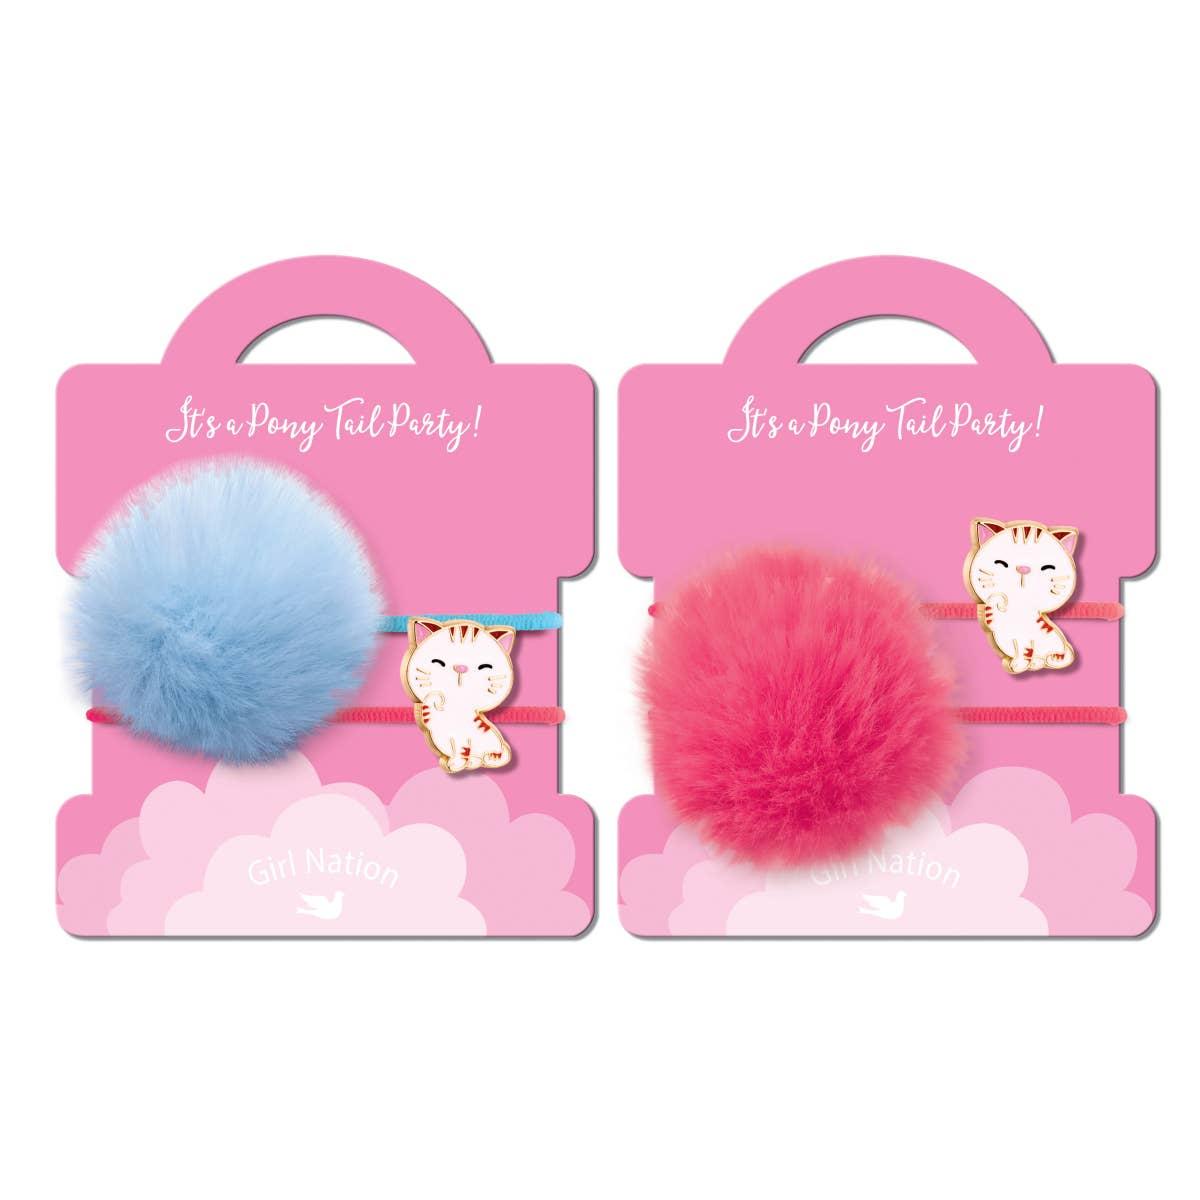 Pony Tail Whimsy- Sweet Kitty | Trada Marketplace